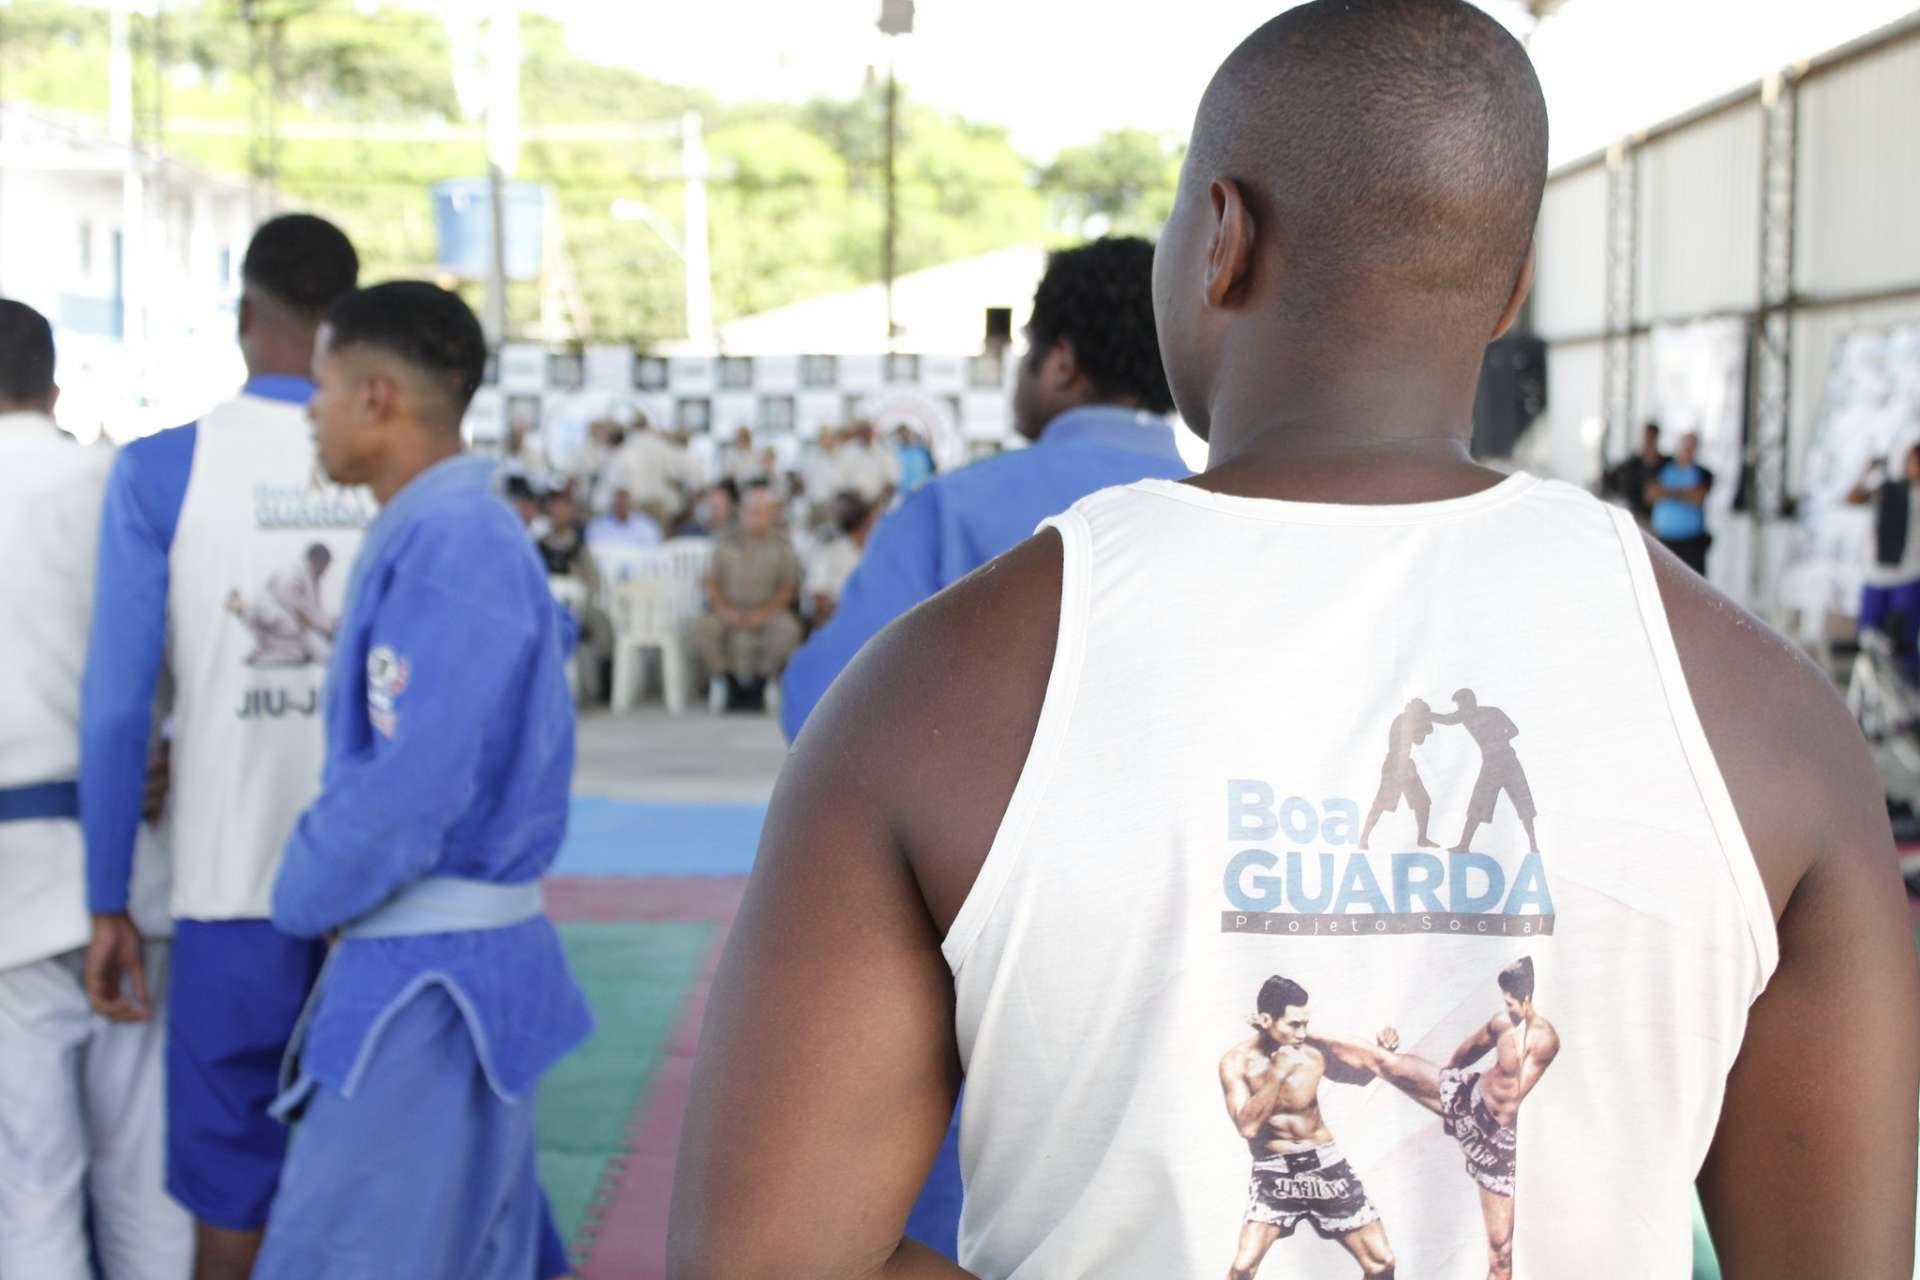 Aula do projeto Boa Guarda: um ano de atividades